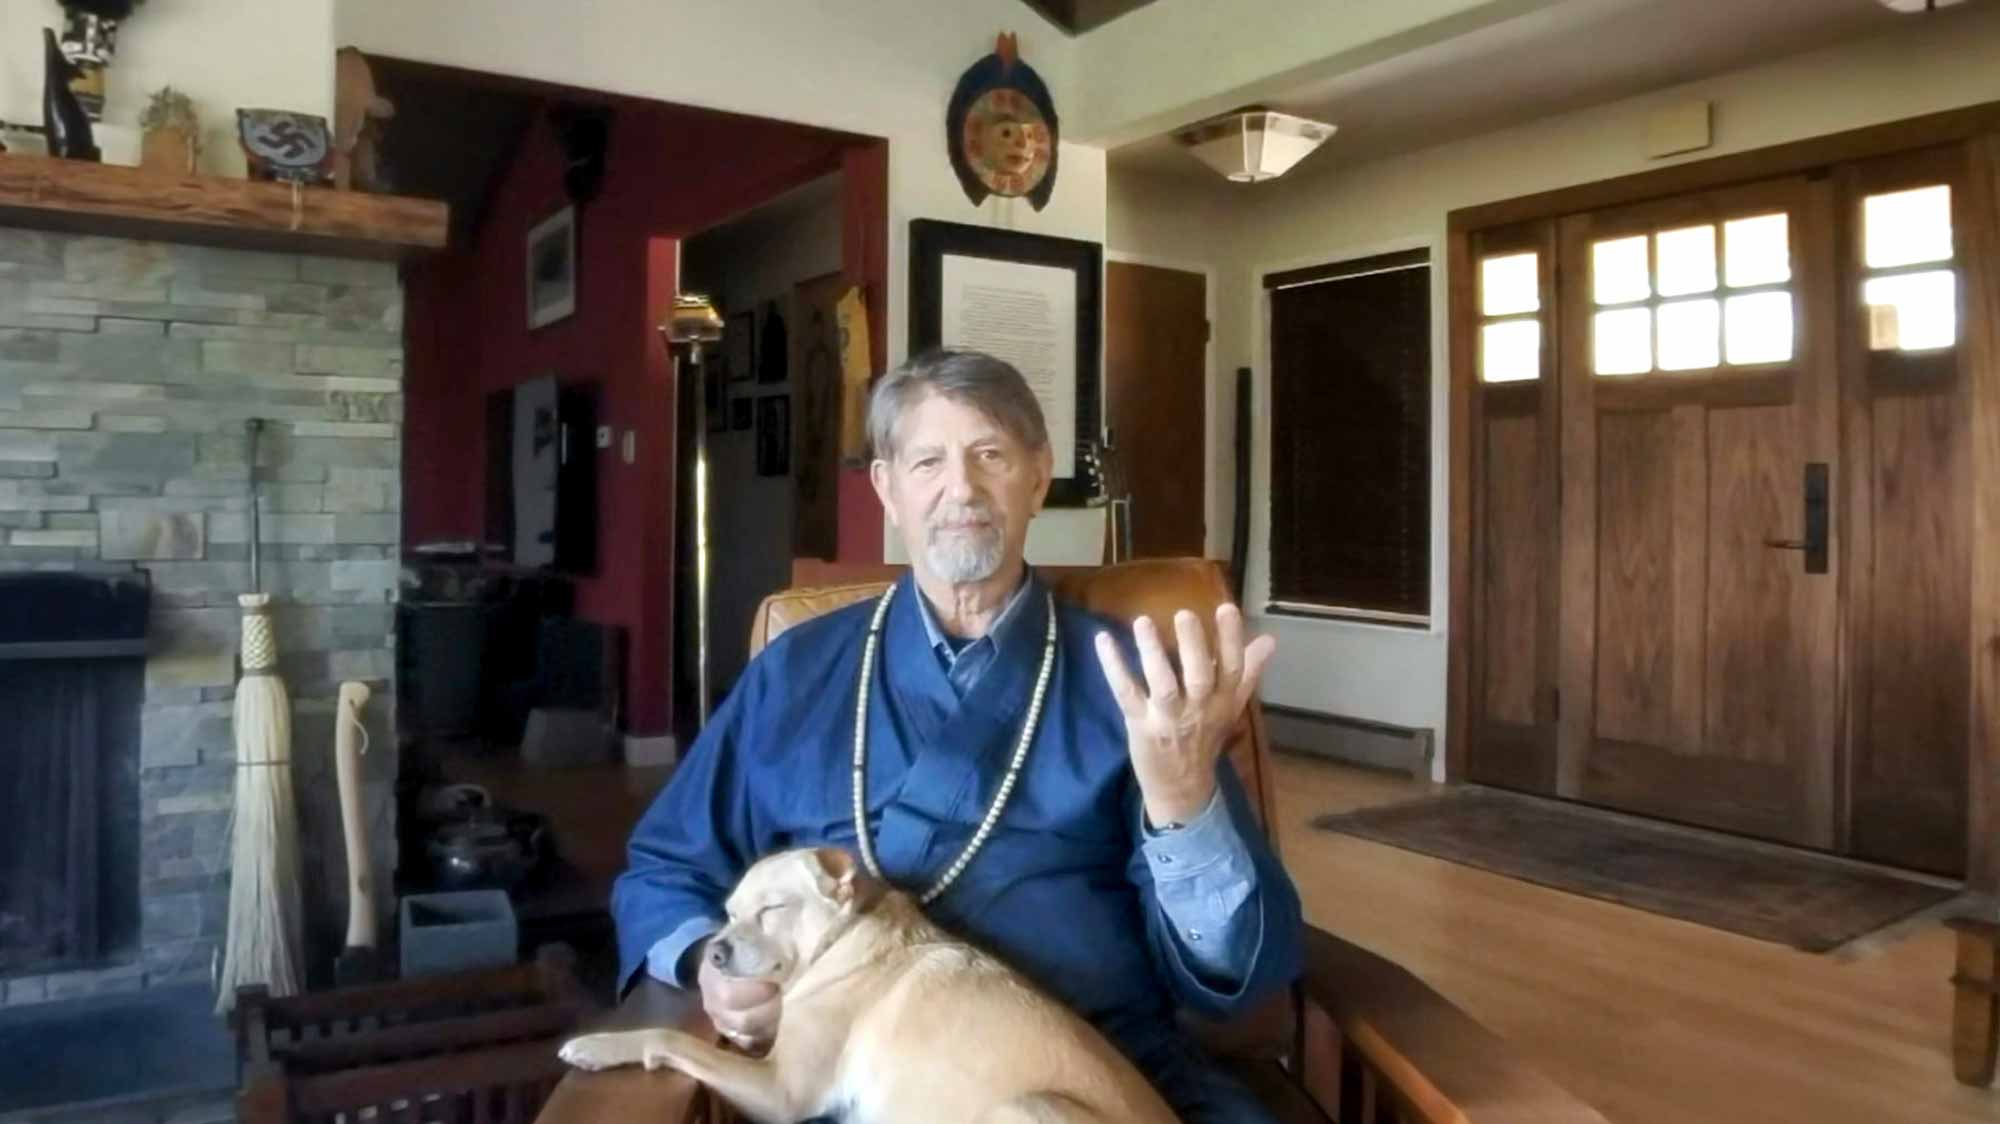 Part 1 - The Dharma Teaching (15:25)